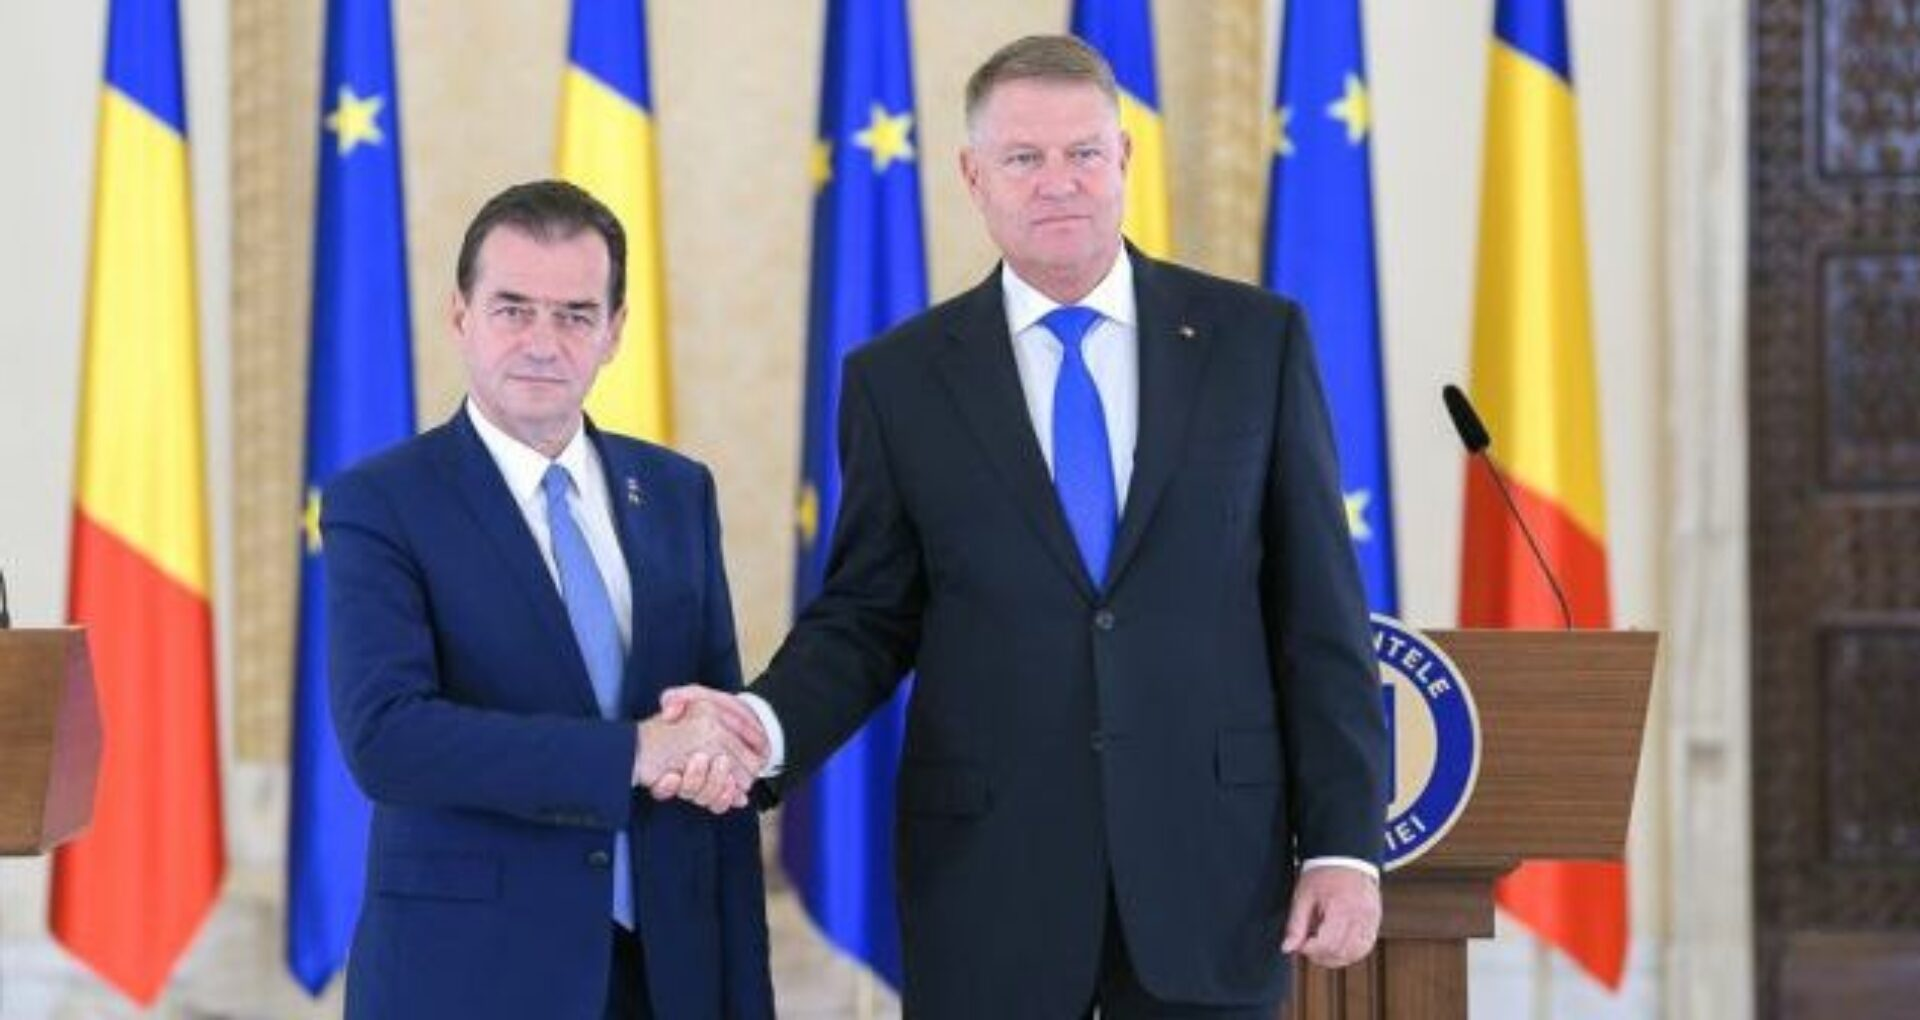 România: Orban și-a depus mandatul de prim-ministru desemnat. Consultările vor începe miercuri